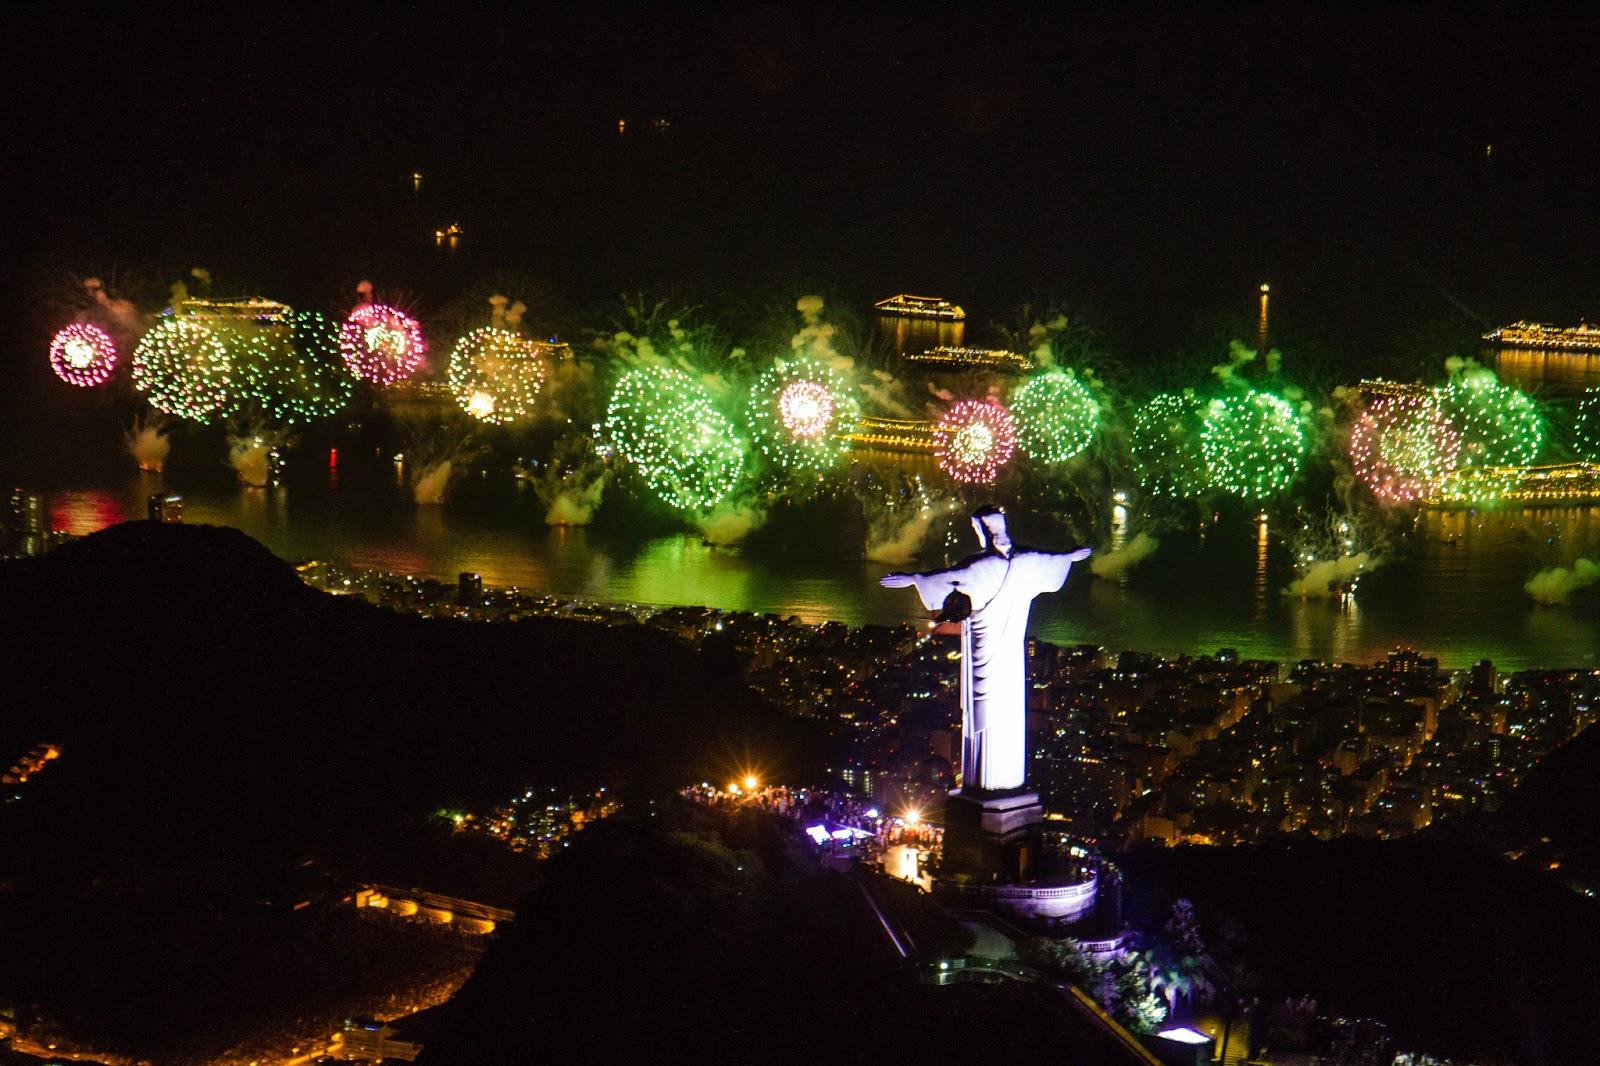 Năm nay, người dân Brazil cũng được chứng kiến màn pháo hoa lâu hơn năm ngoái, kéo dài tới 17 phút. Để đảm bảo an ninh trong đêm giao thừa,12.752 nhân viên cảnh sát và 1.393 chiếc xe đã được huy động tới nơi tổ chức sự kiện từ 8 giờ sáng nay.